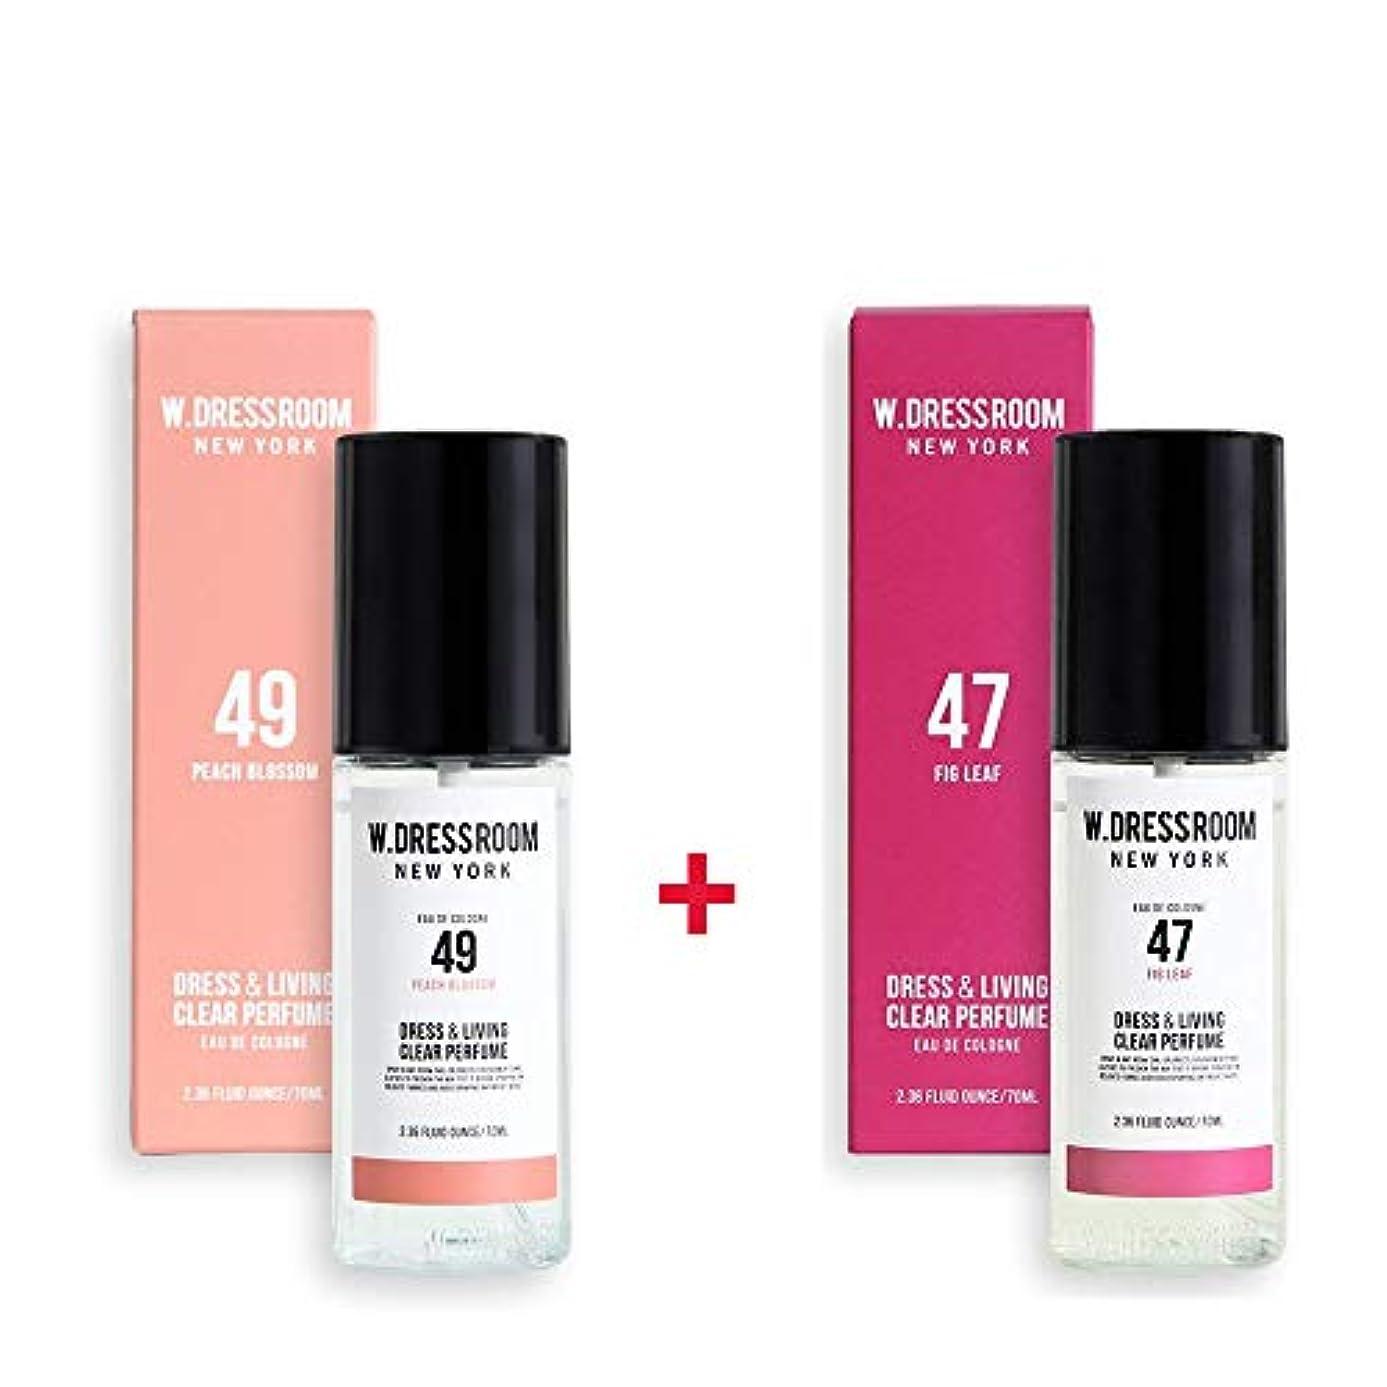 ストリップ担当者賠償W.DRESSROOM Dress & Living Clear Perfume 70ml (No 49 Peach Blossom)+(No 47 Fig Leaf)